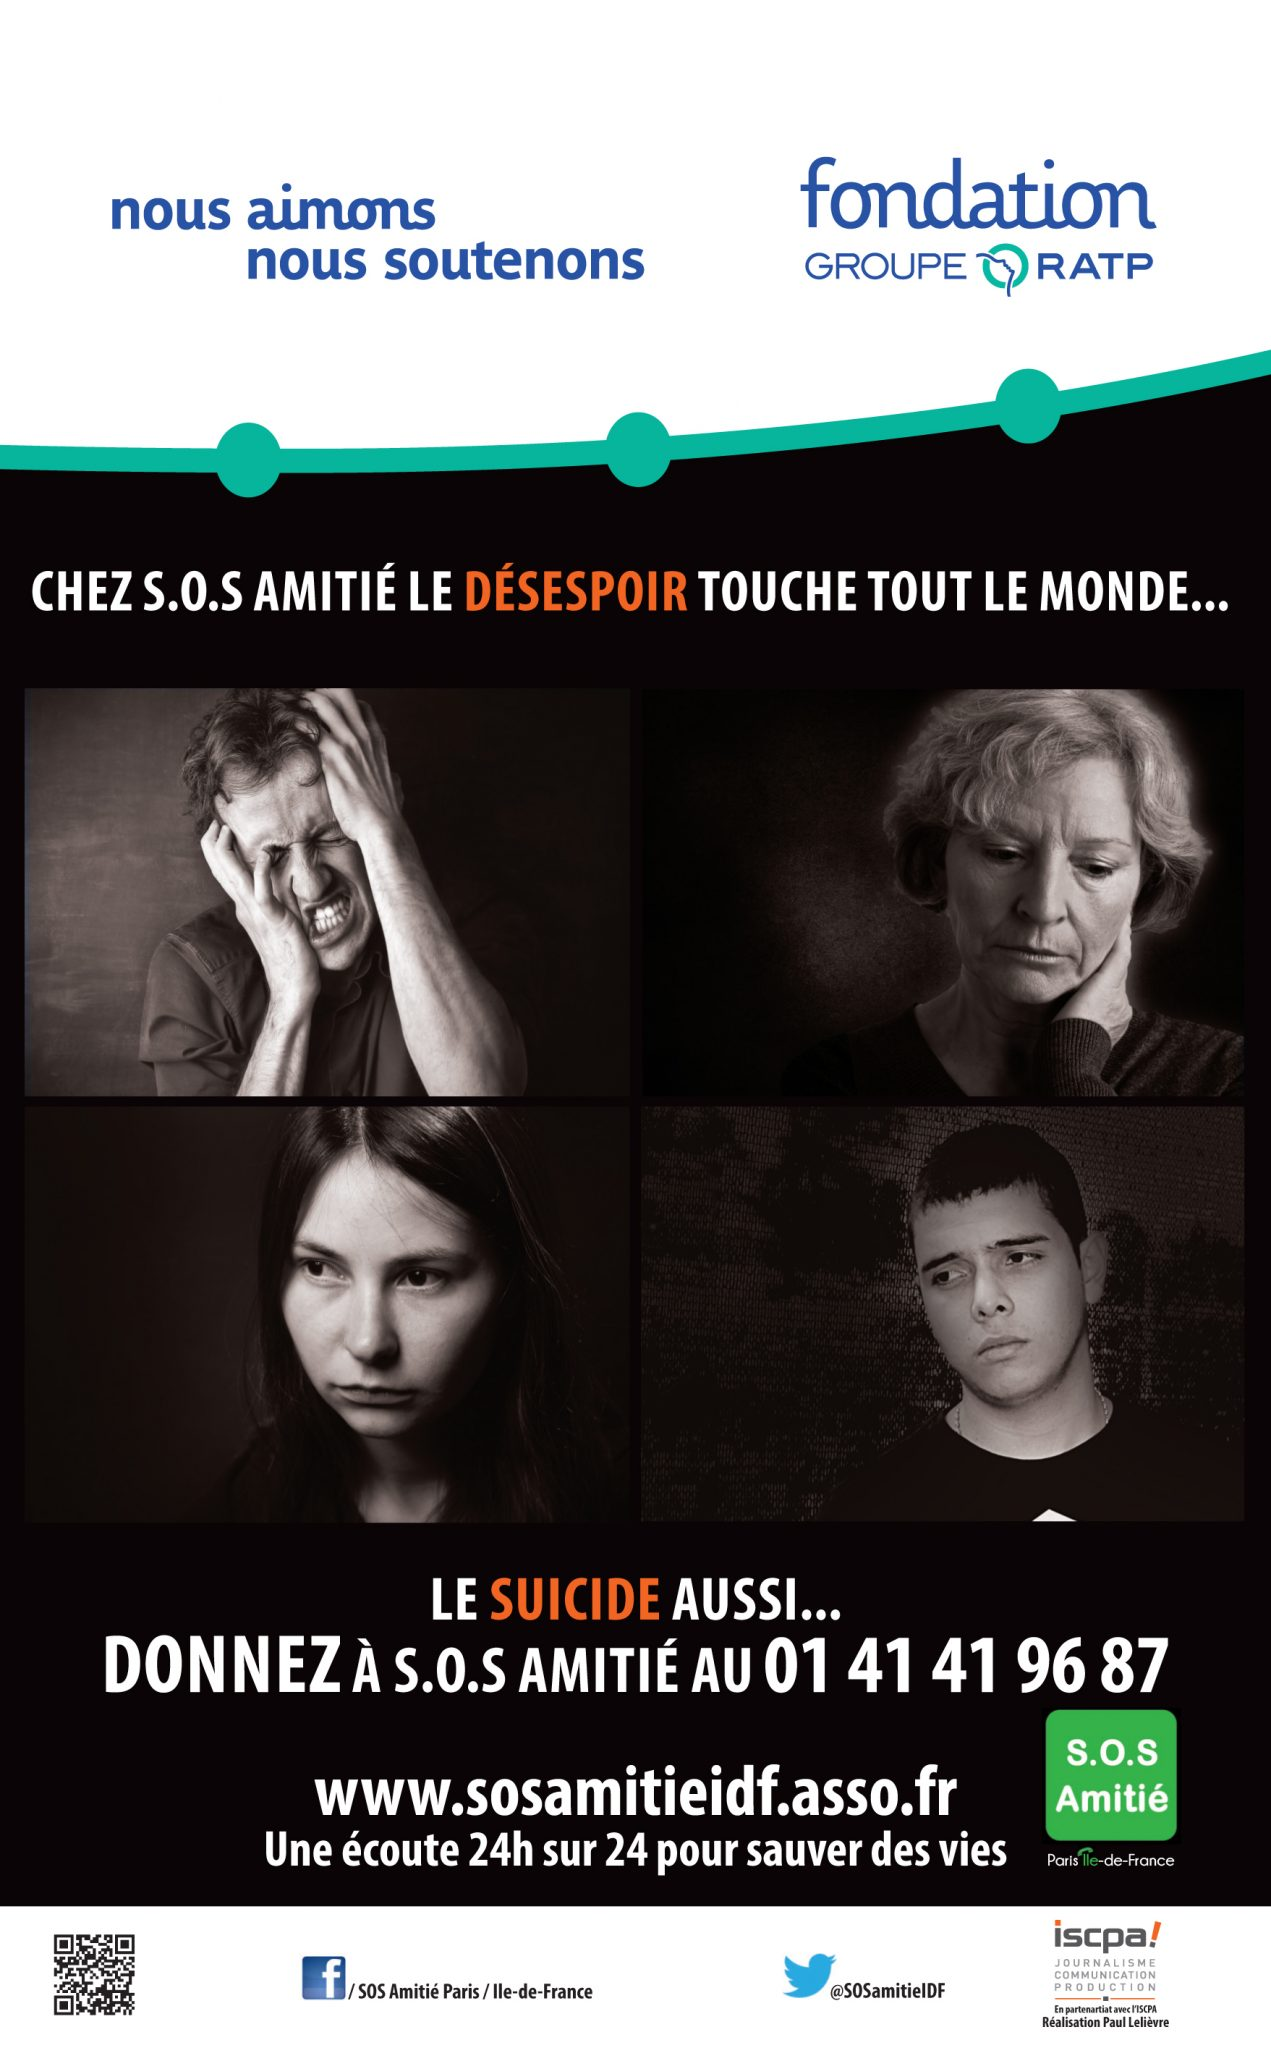 2015-01 Affiche RATP-ISCPA